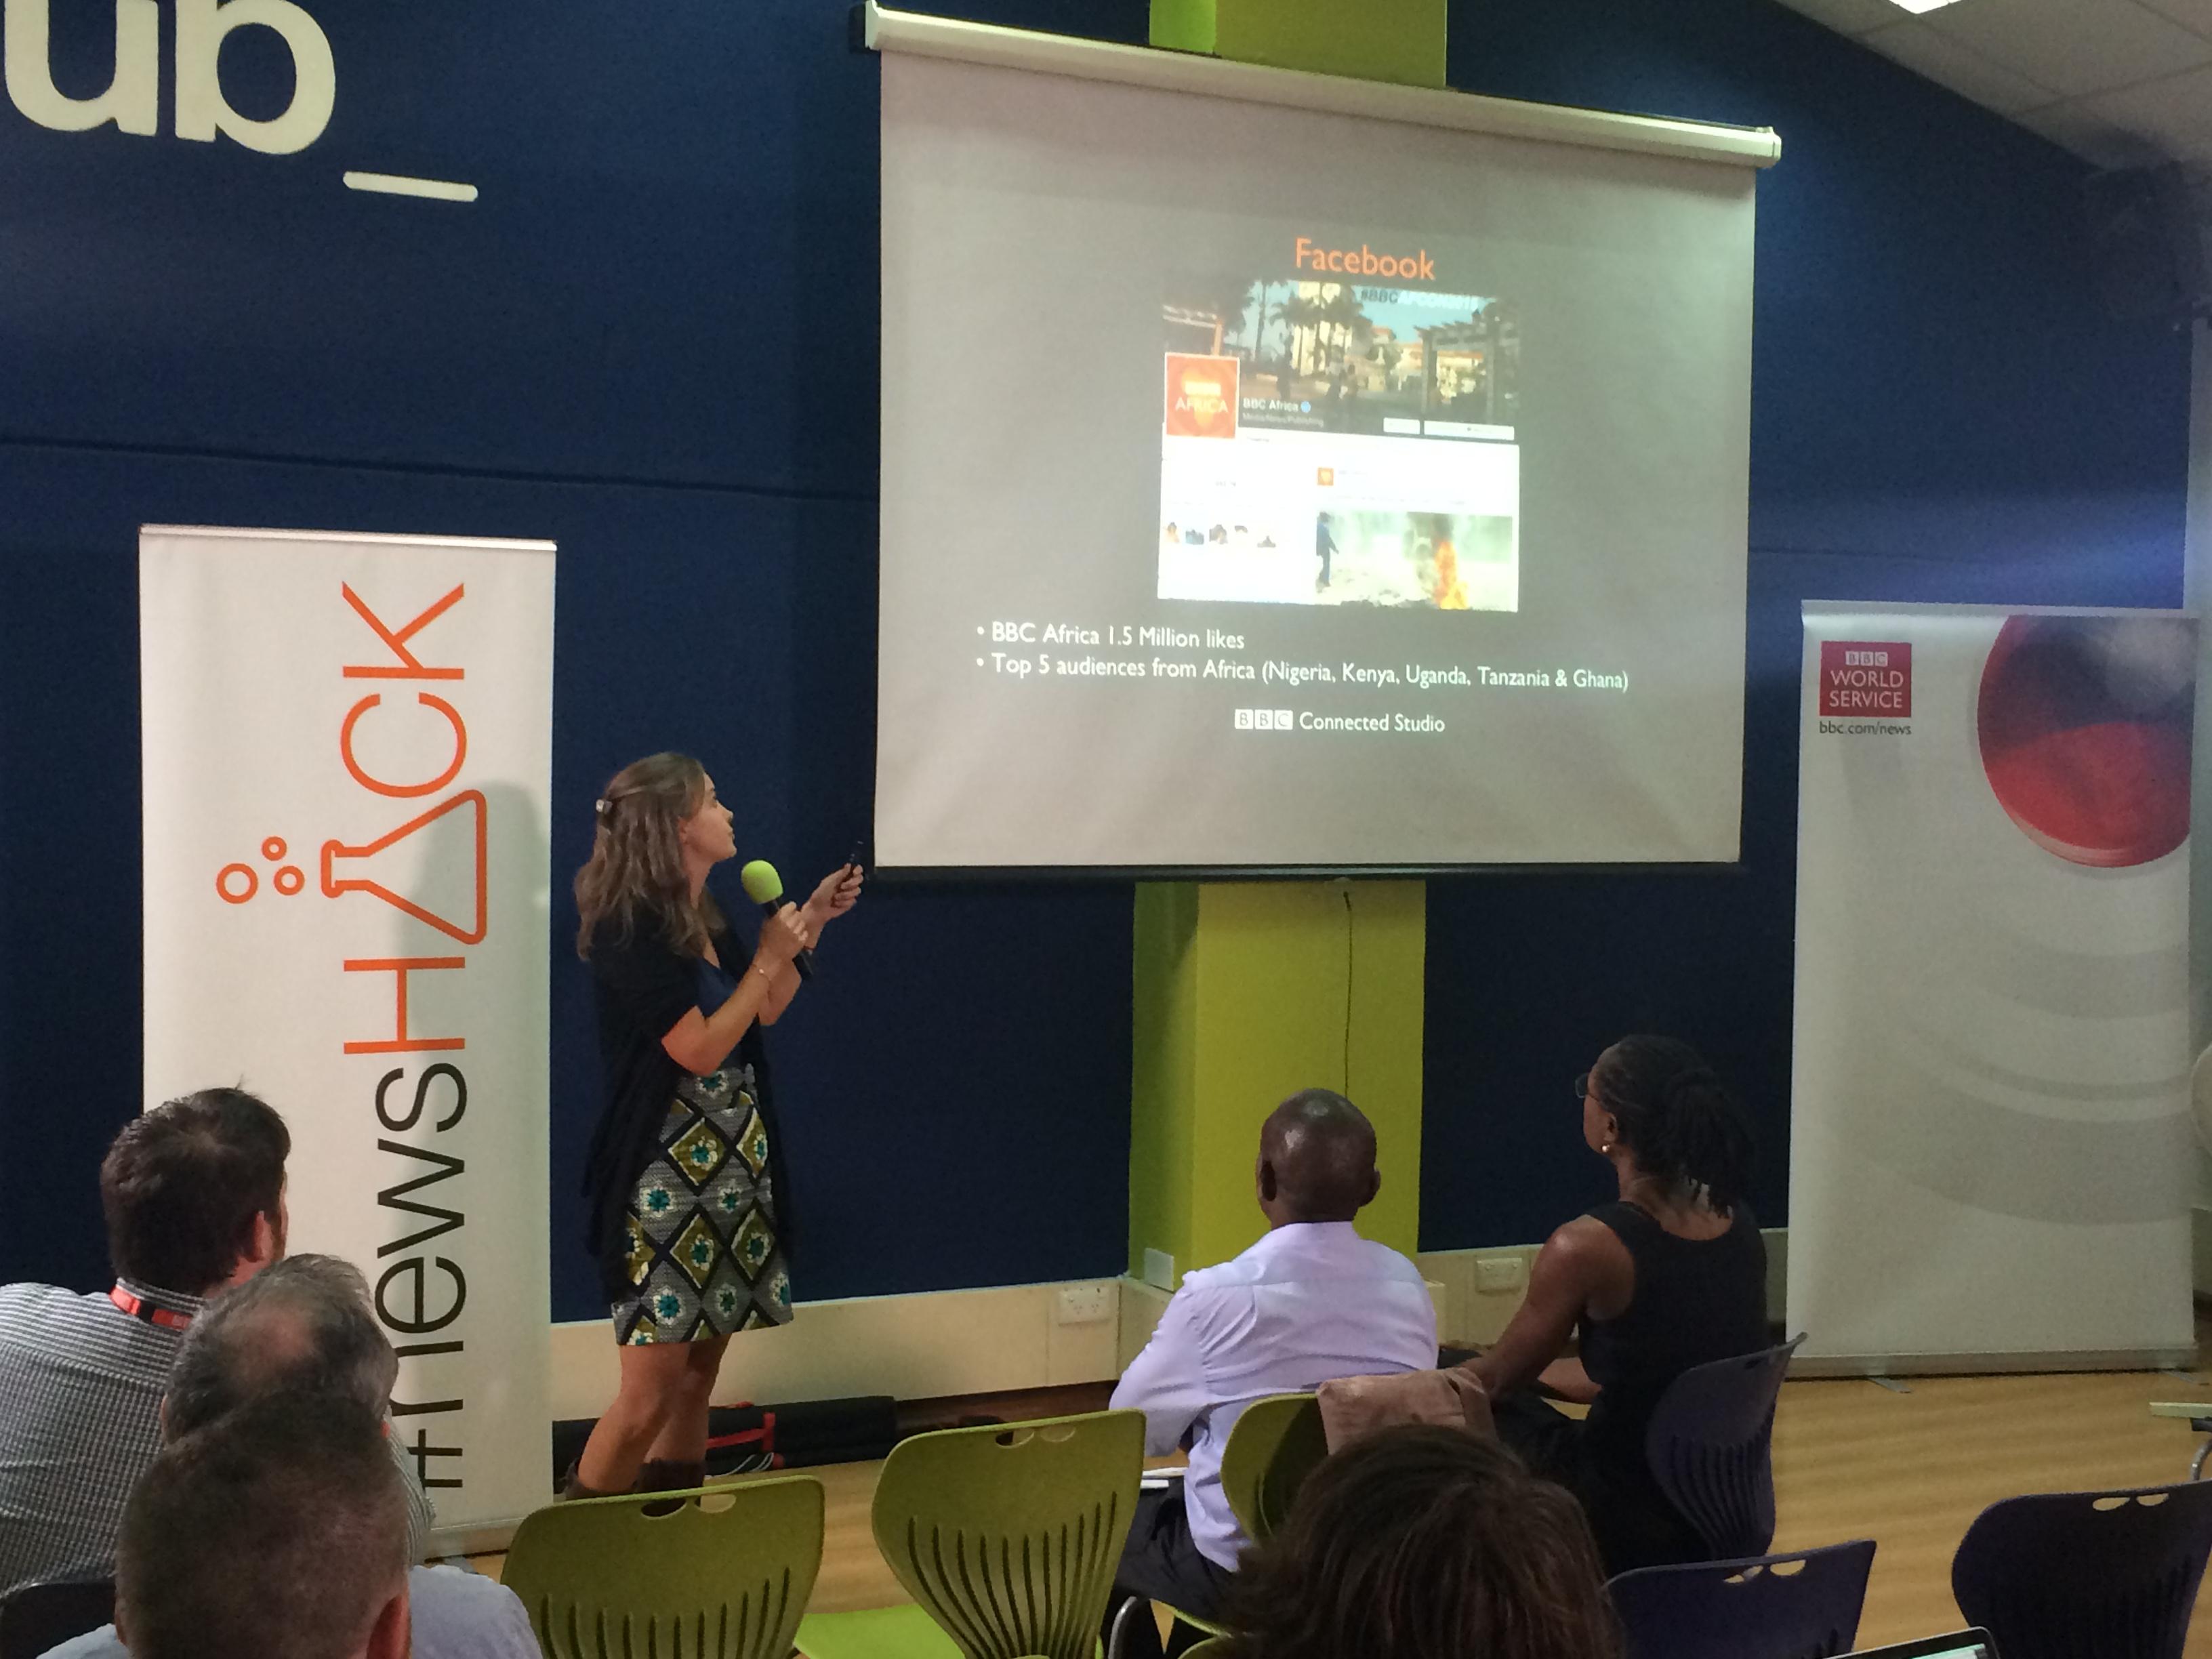 Cynara Vetch at iHub Nairobi, talking about the African and Kenyan Audiences